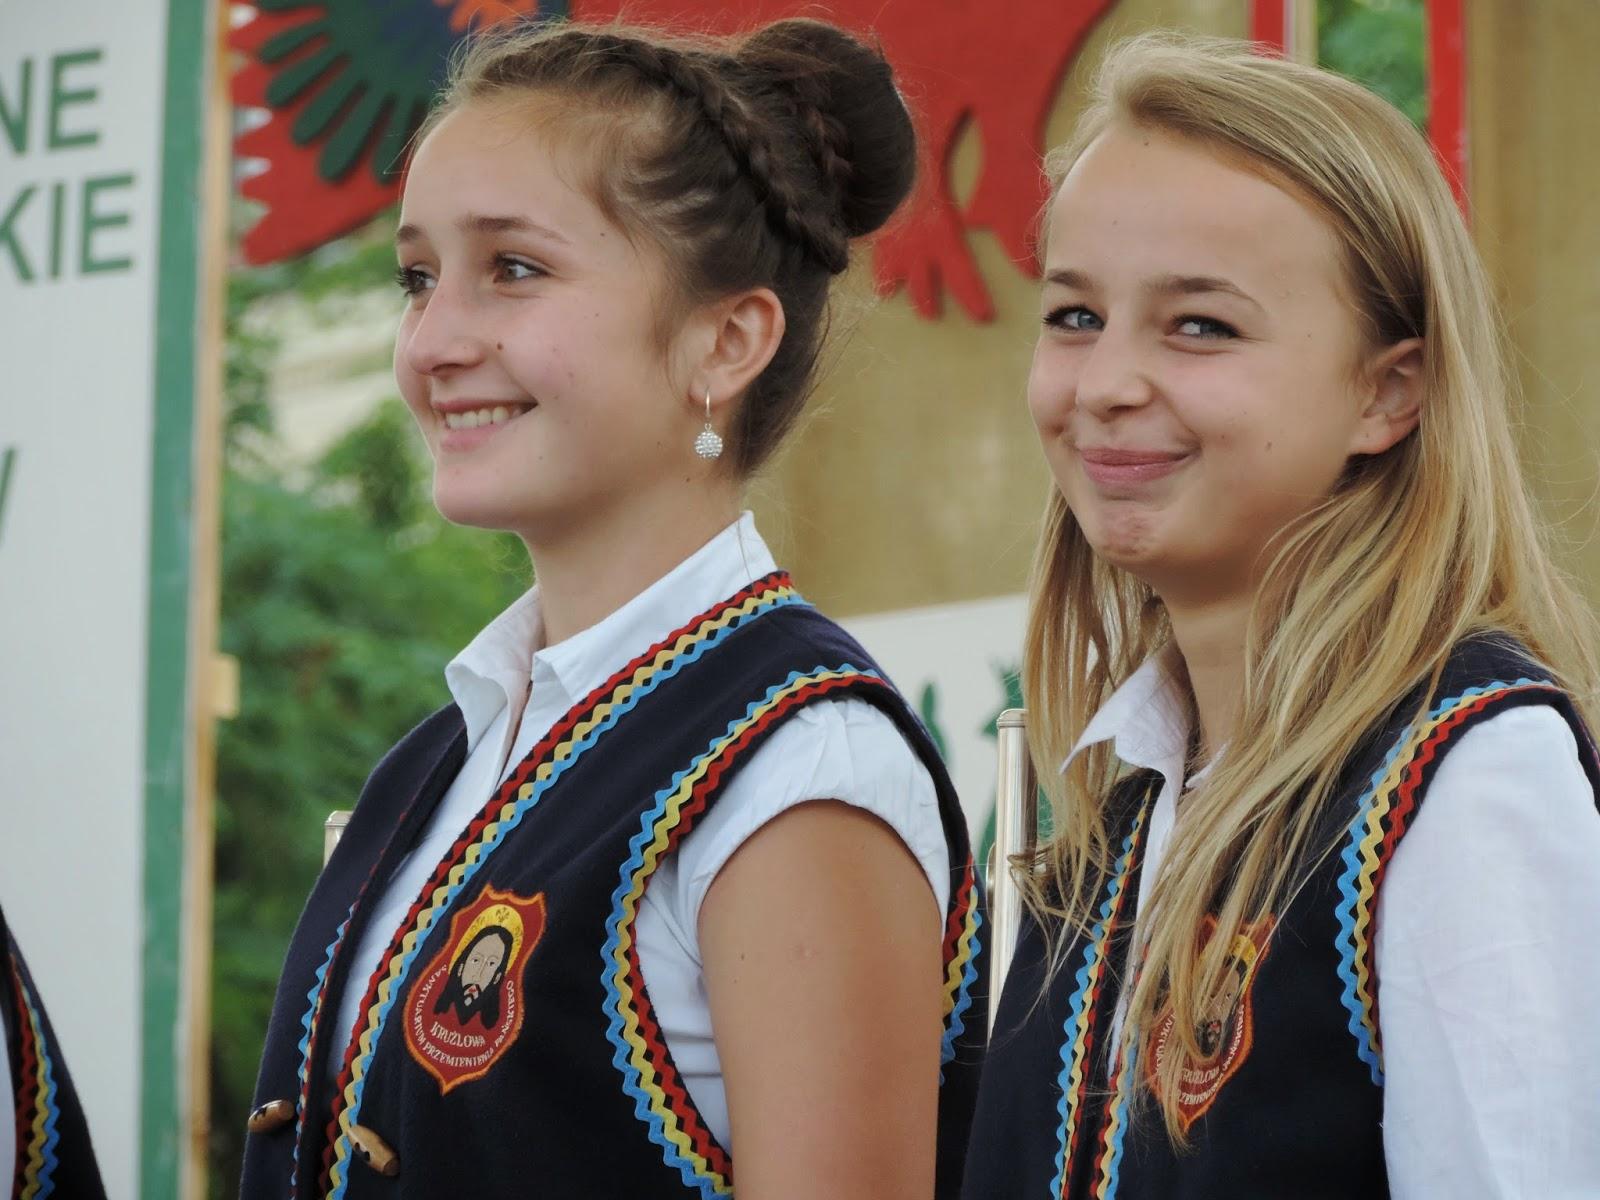 Członkinie zespołu muzycznego | Two young musicians in a presentation